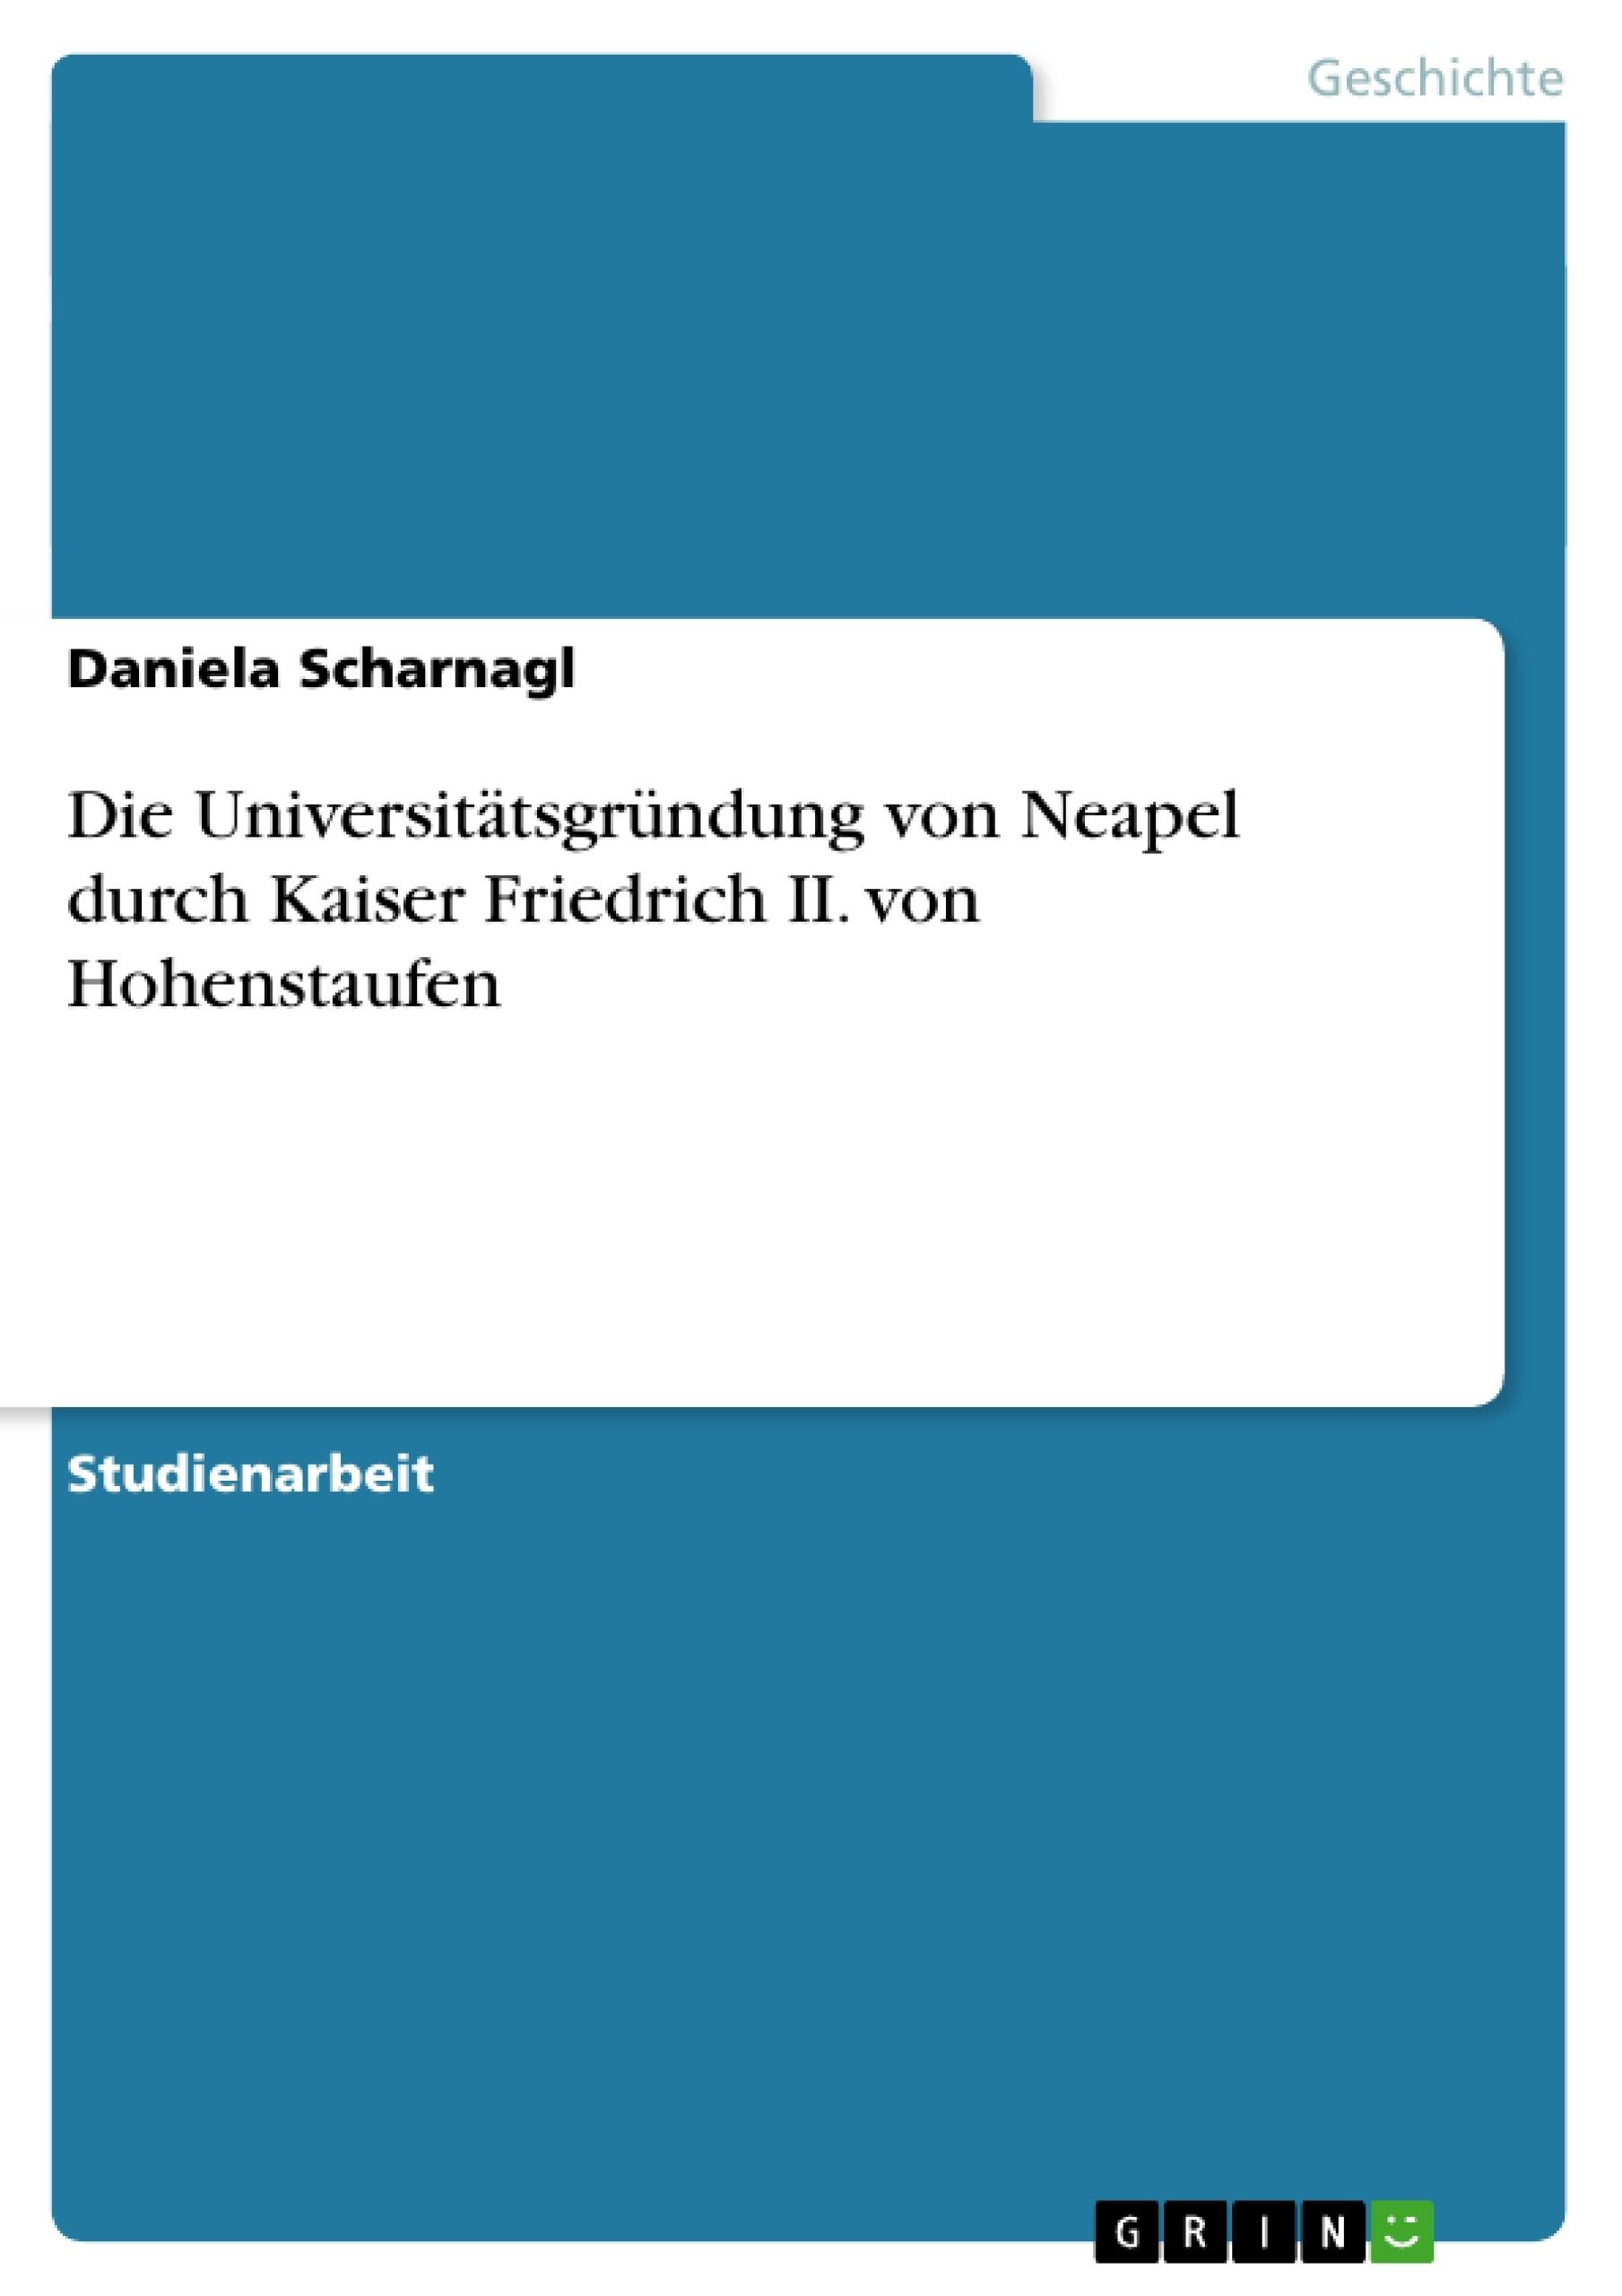 Titel: Die Universitätsgründung von Neapel durch Kaiser Friedrich II. von Hohenstaufen